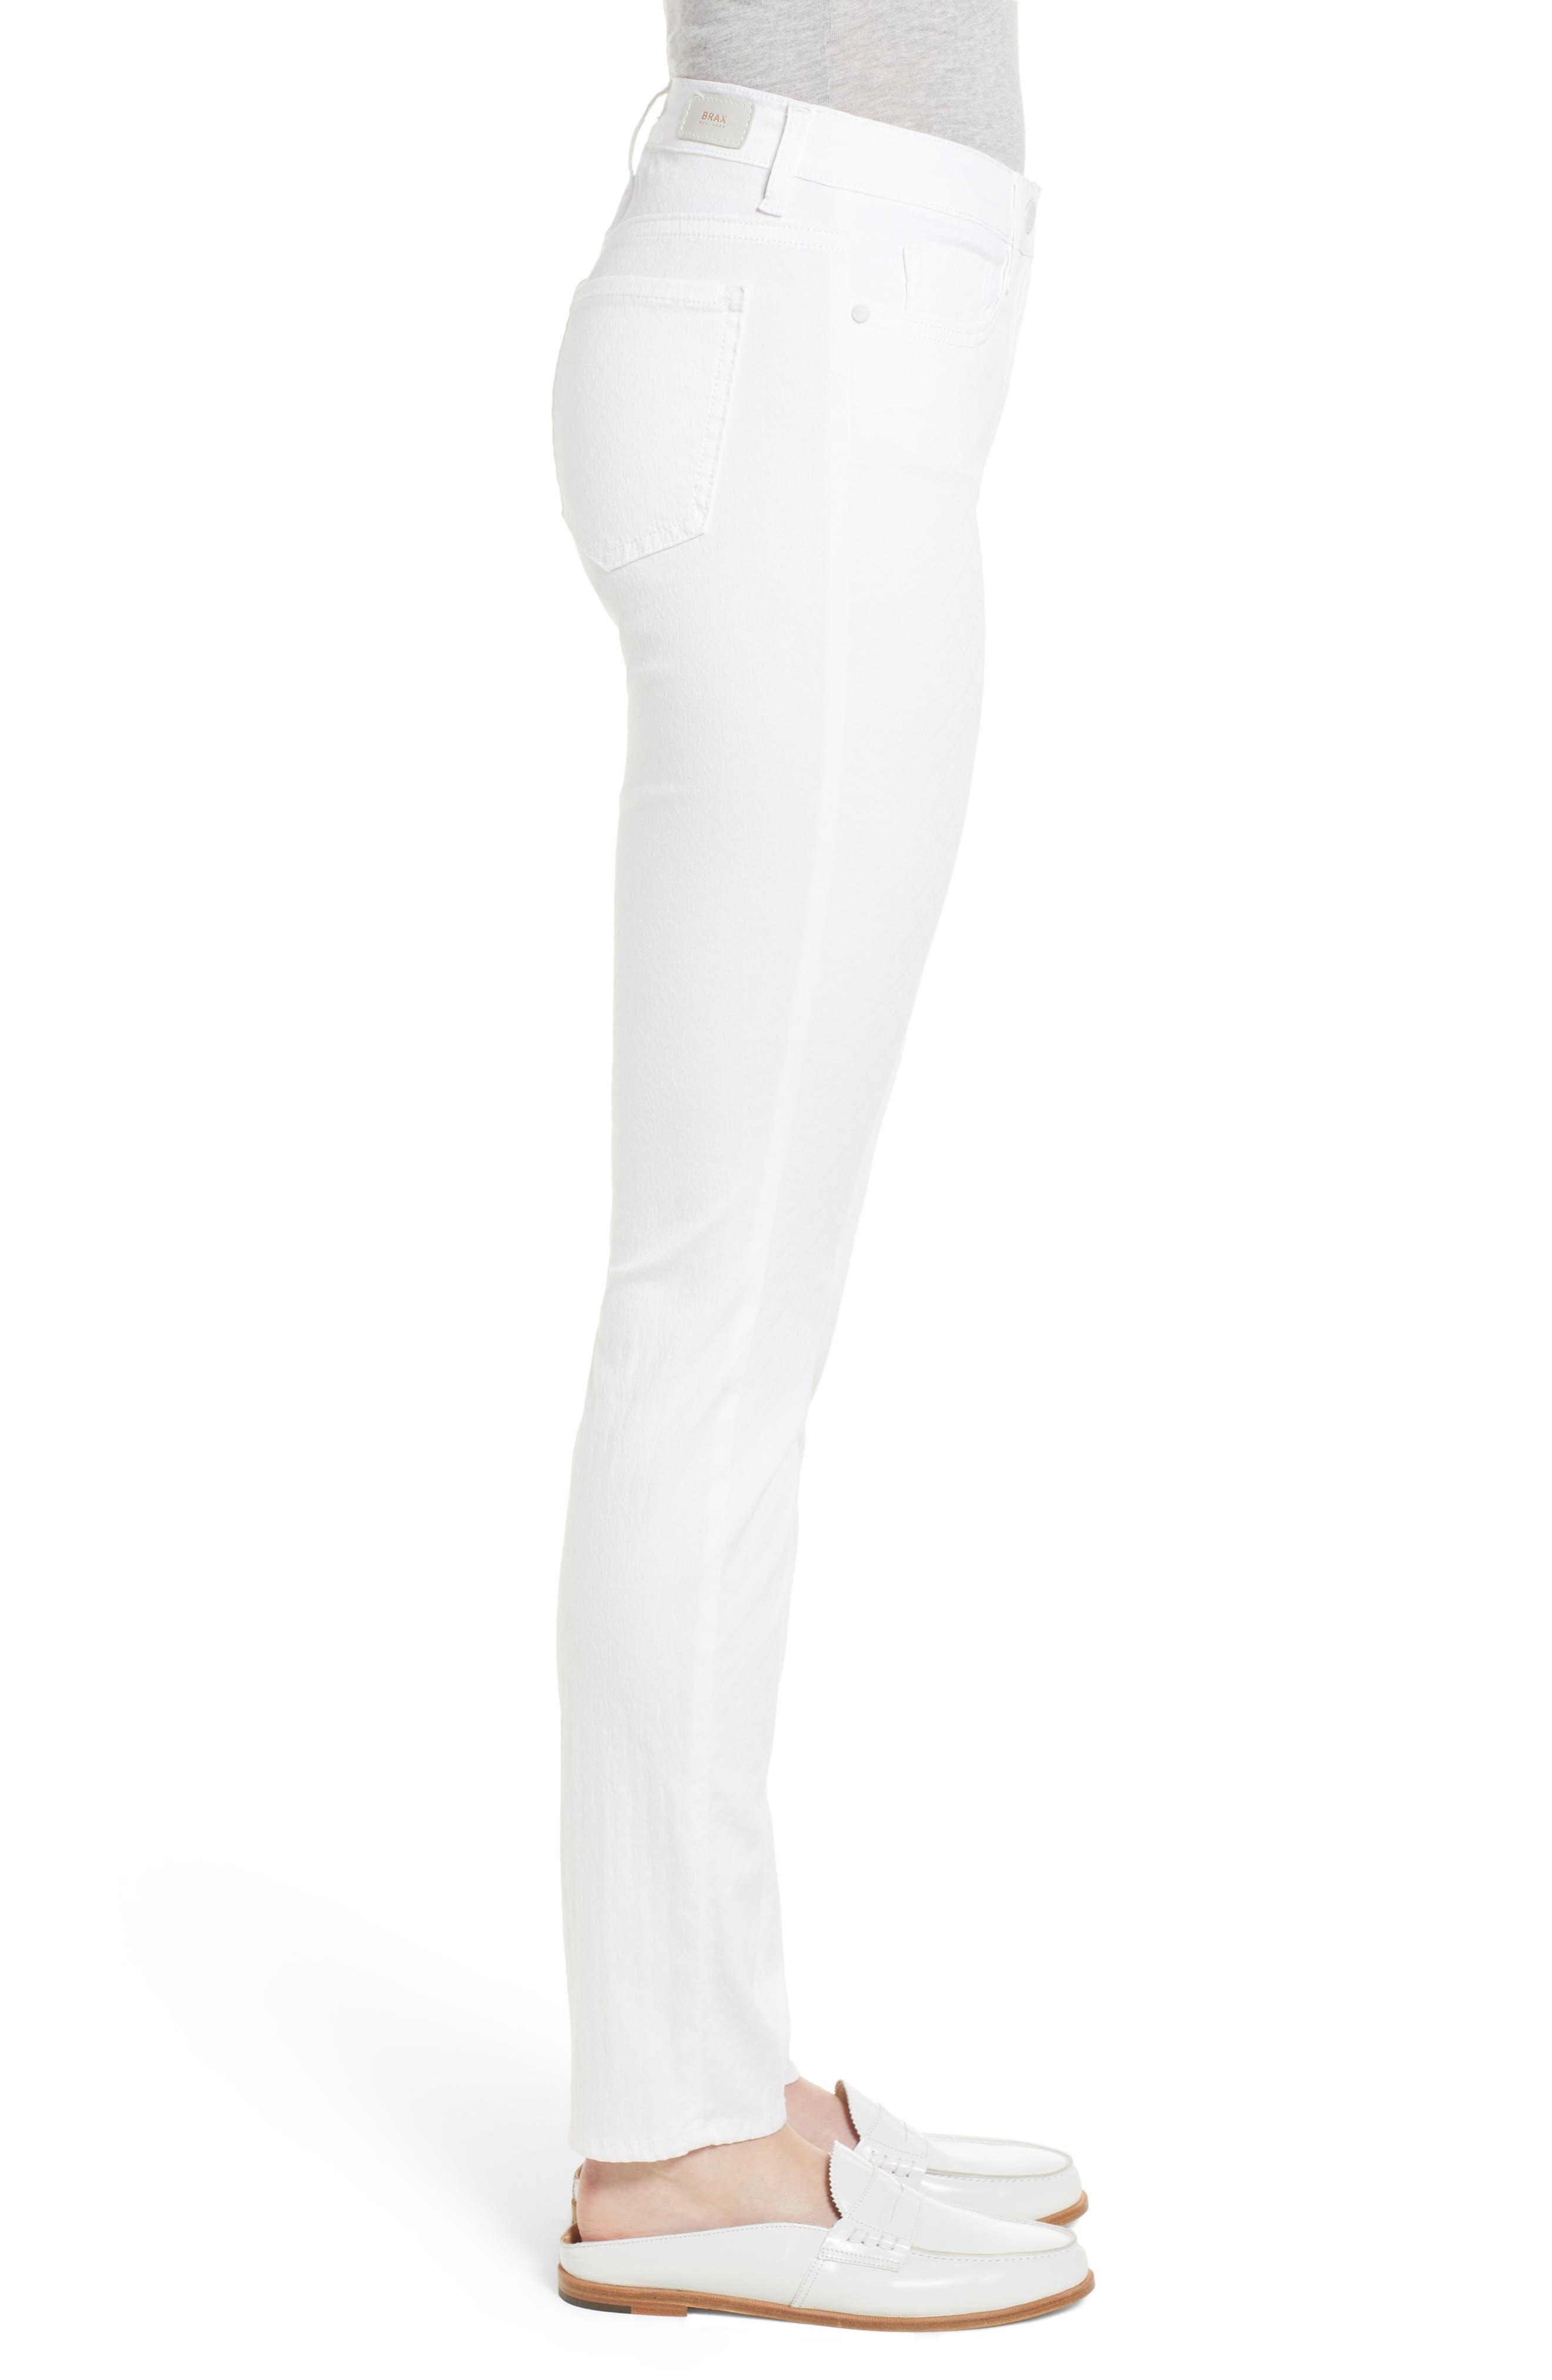 Shakira White Jeans,                             Alternate thumbnail 3, color,